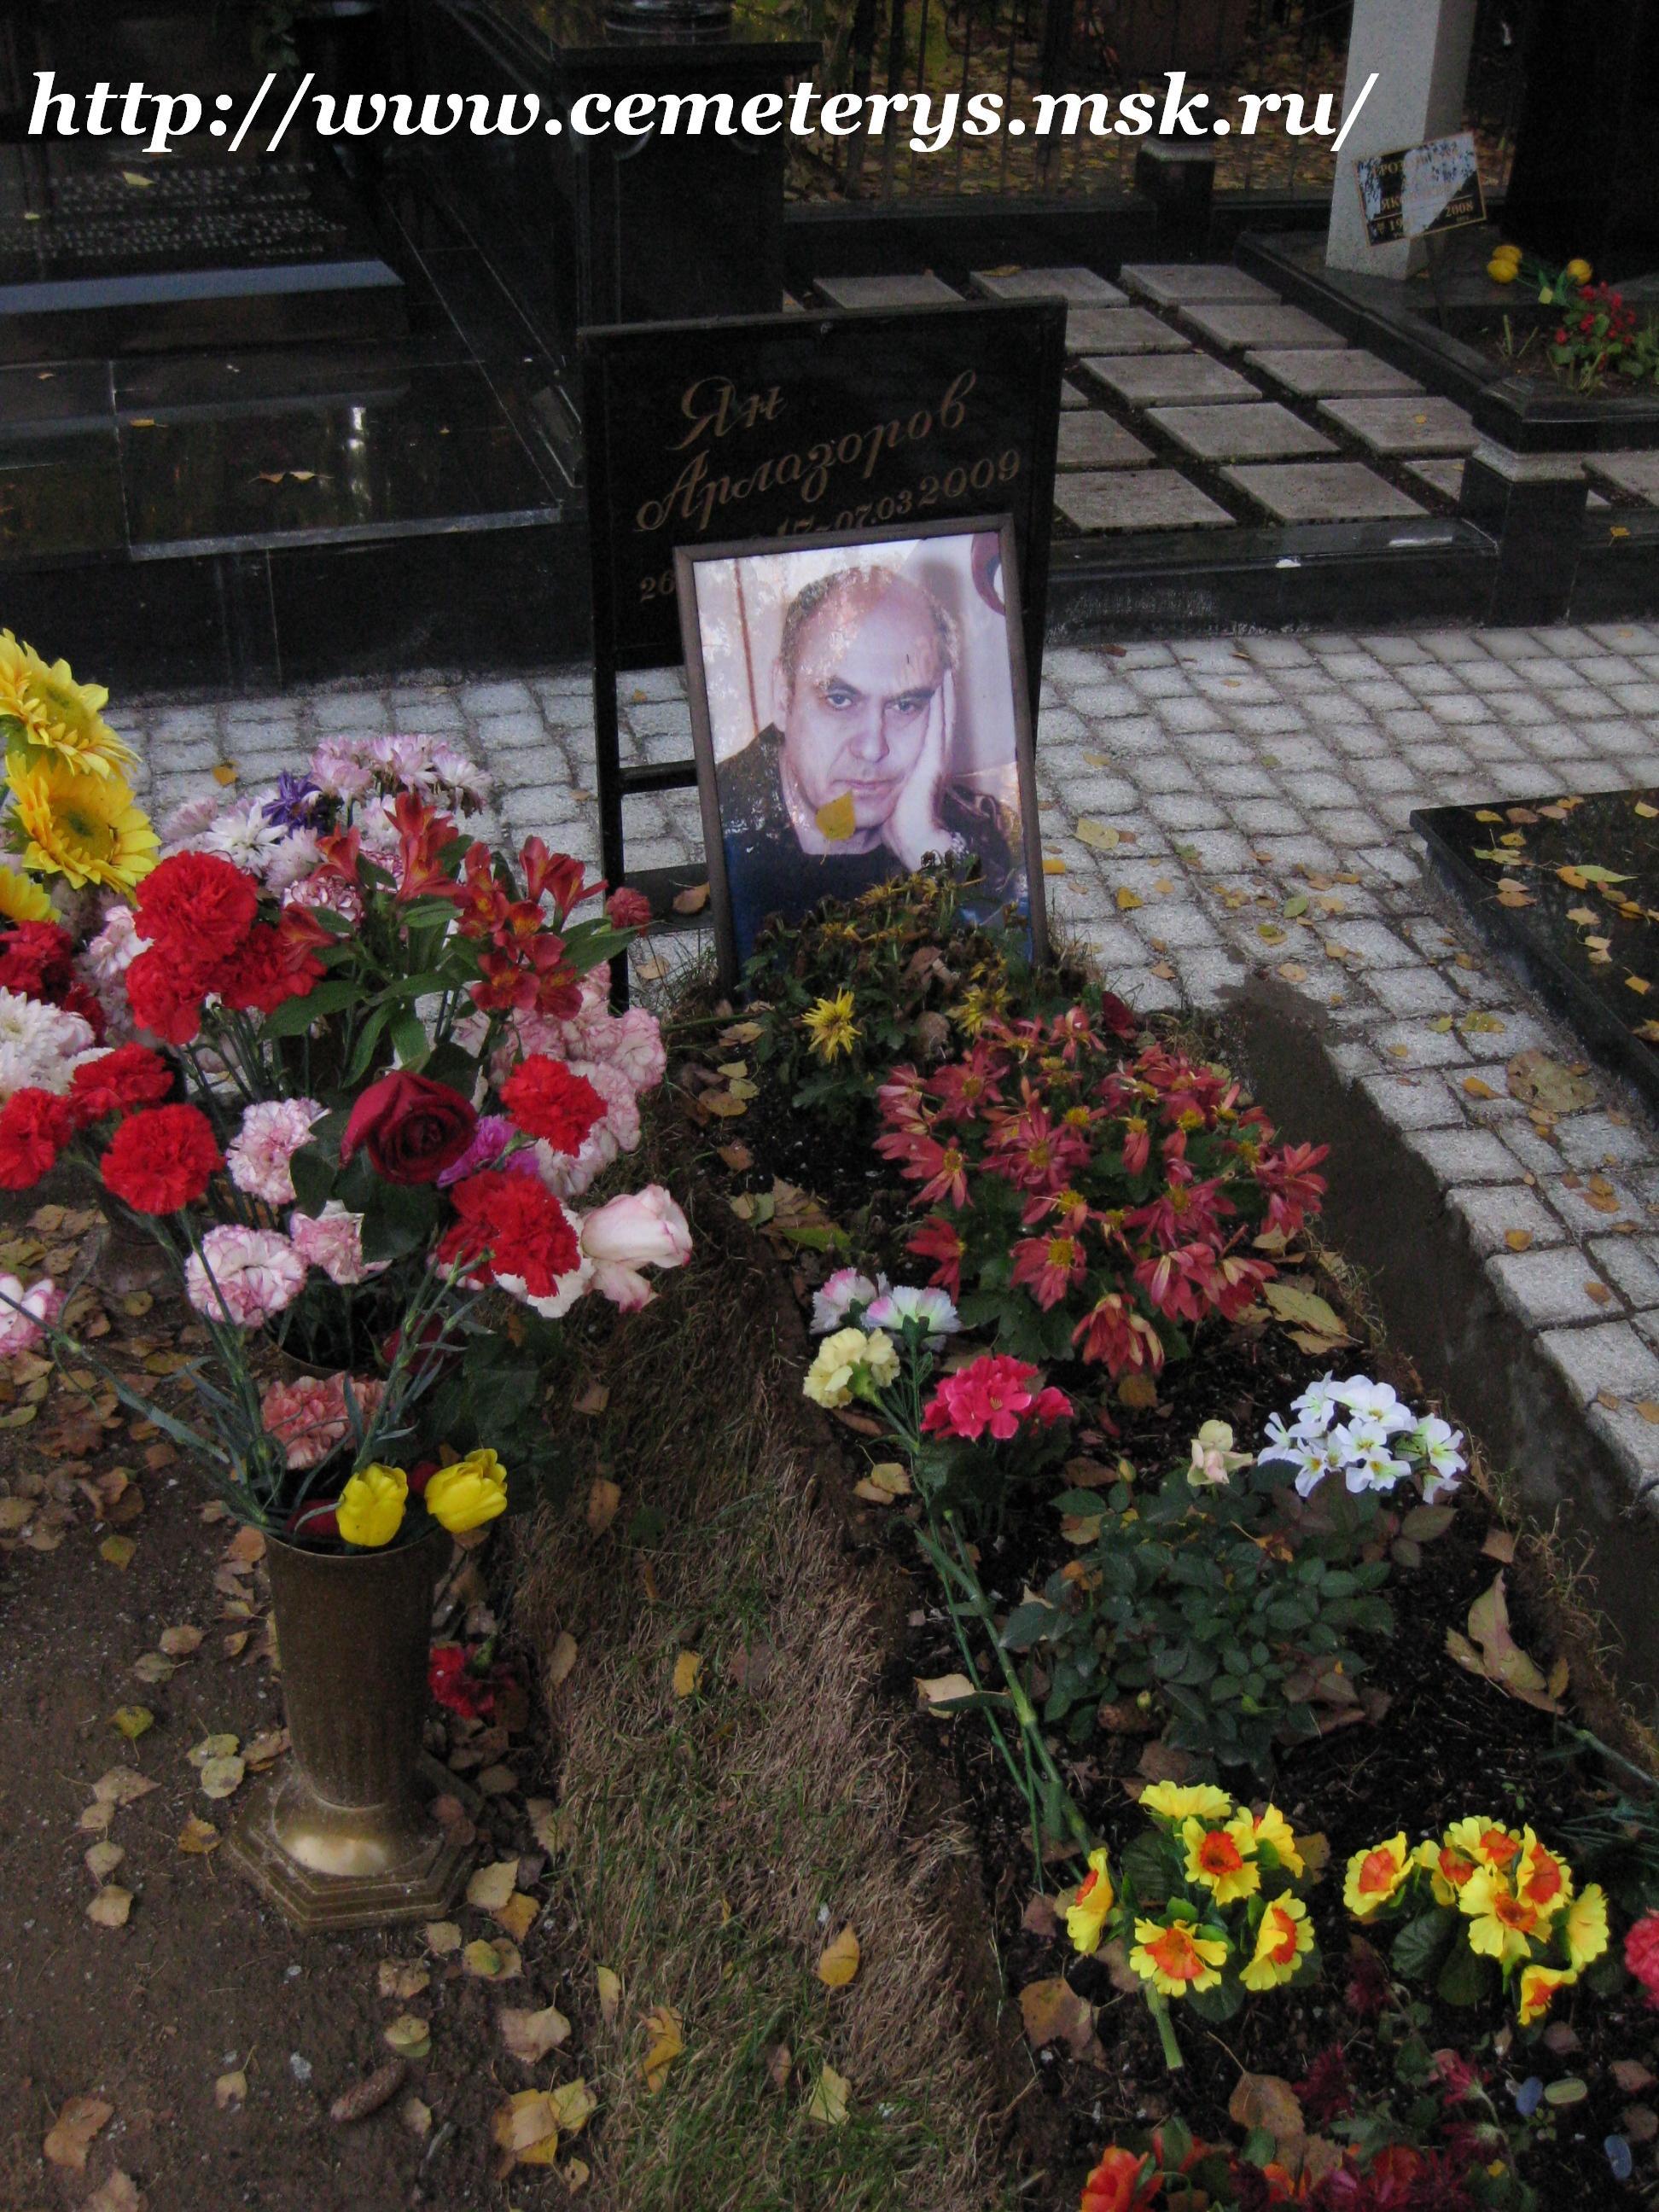 могила Яна Арлазорова до установки памятника  (фото Дмитрия Кондратьева)